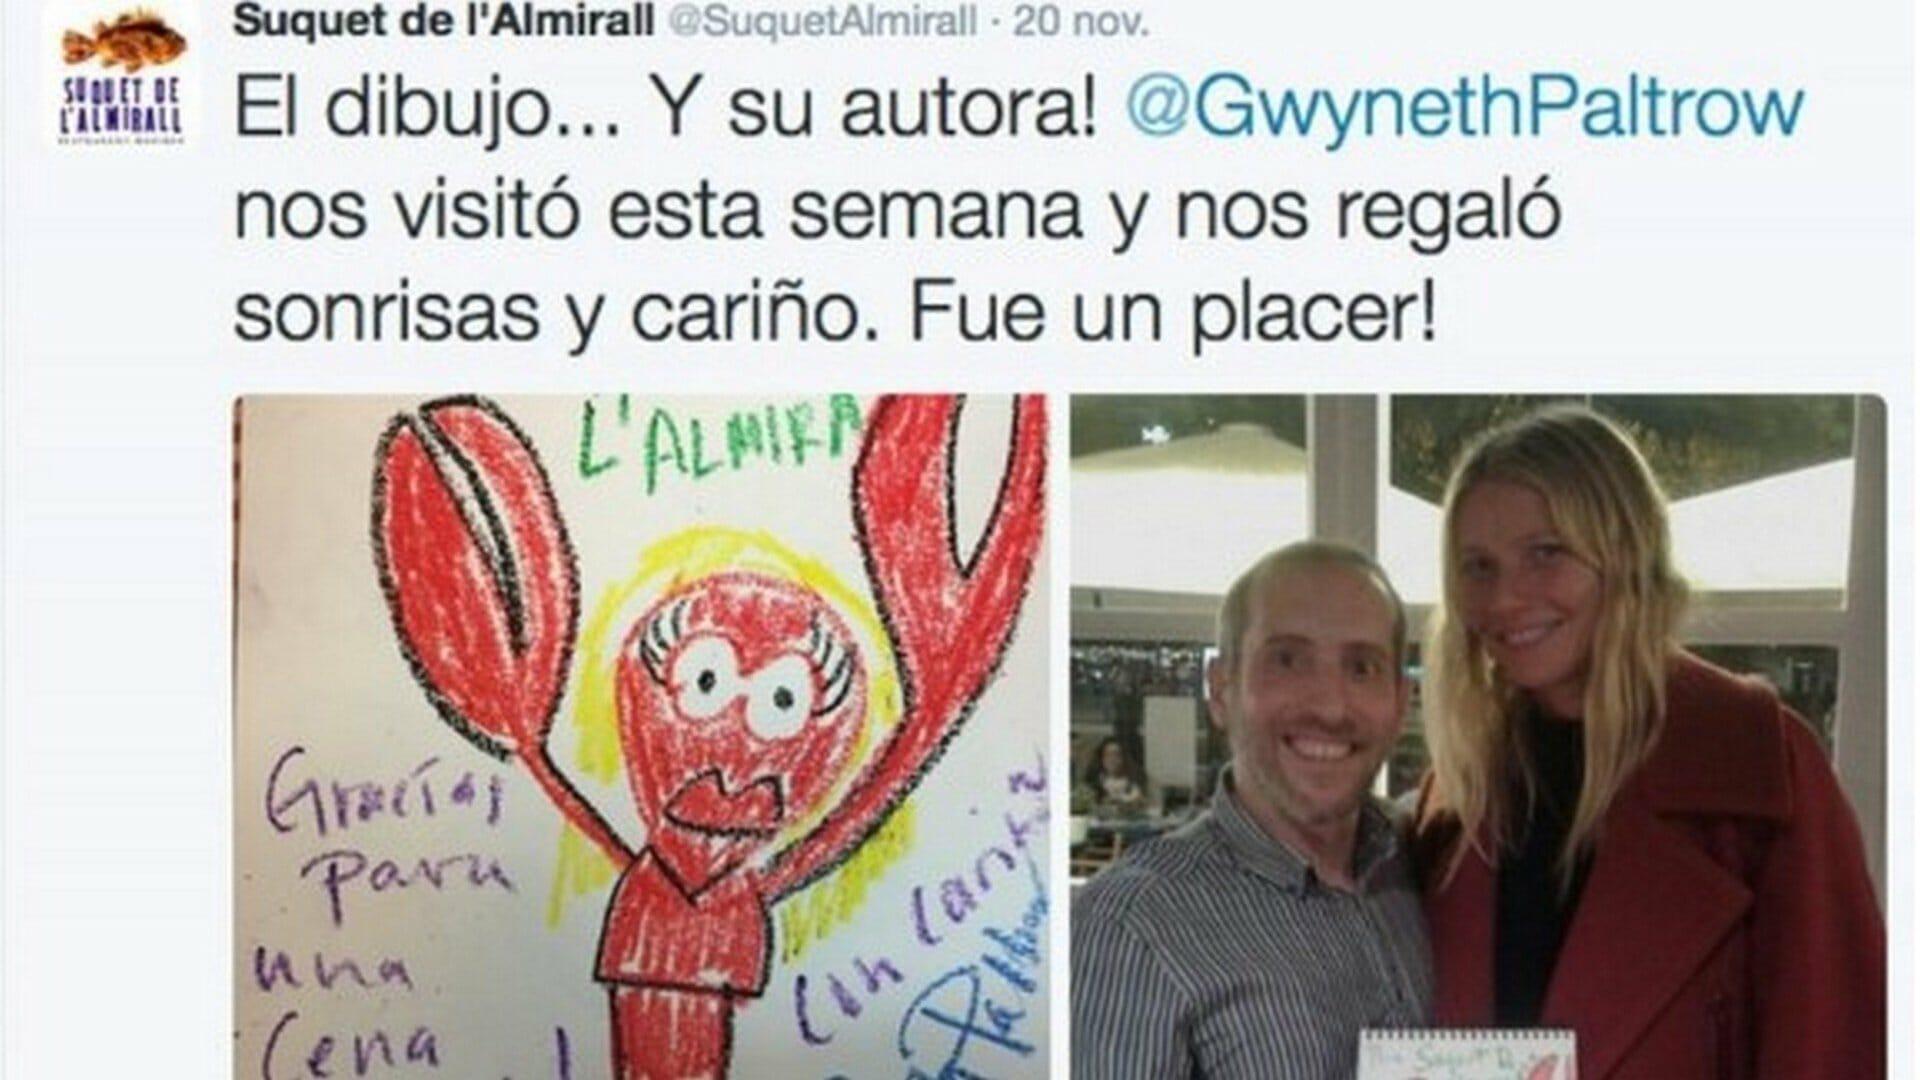 La Barcelona más gastronómica de Gwyneth Paltrow